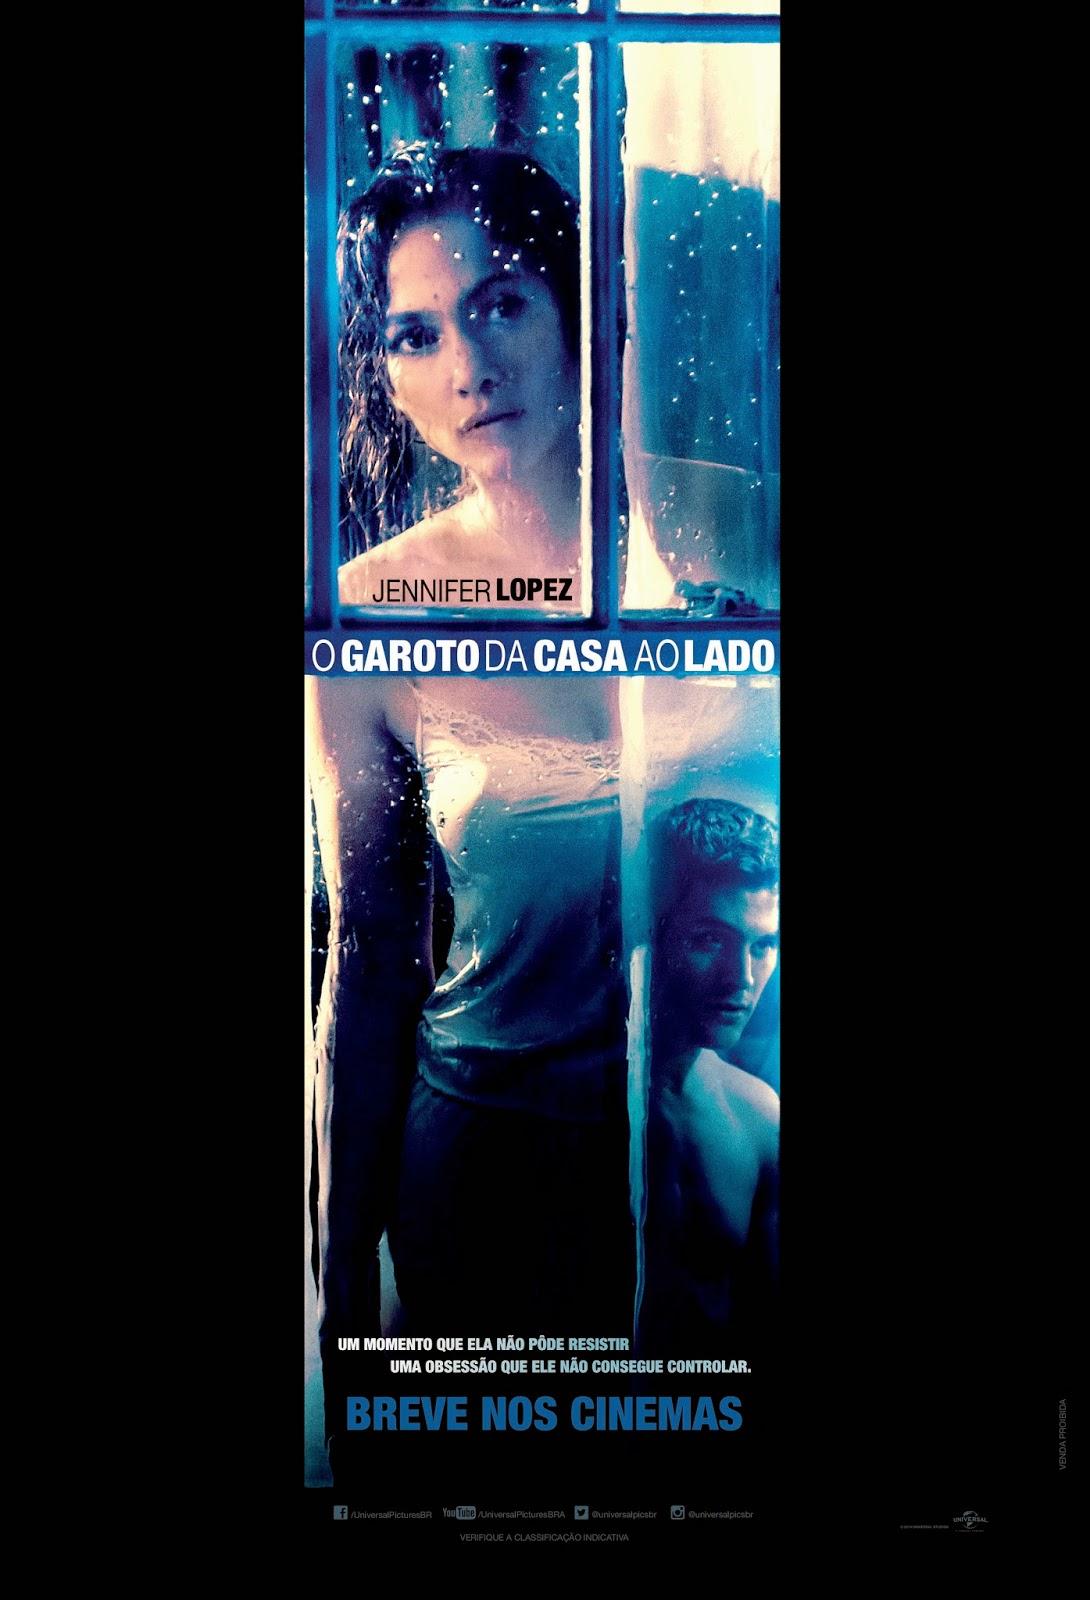 Pôster/capa/cartaz nacional de O GAROTO DA CASA AO LADO (The Boy Next Door)